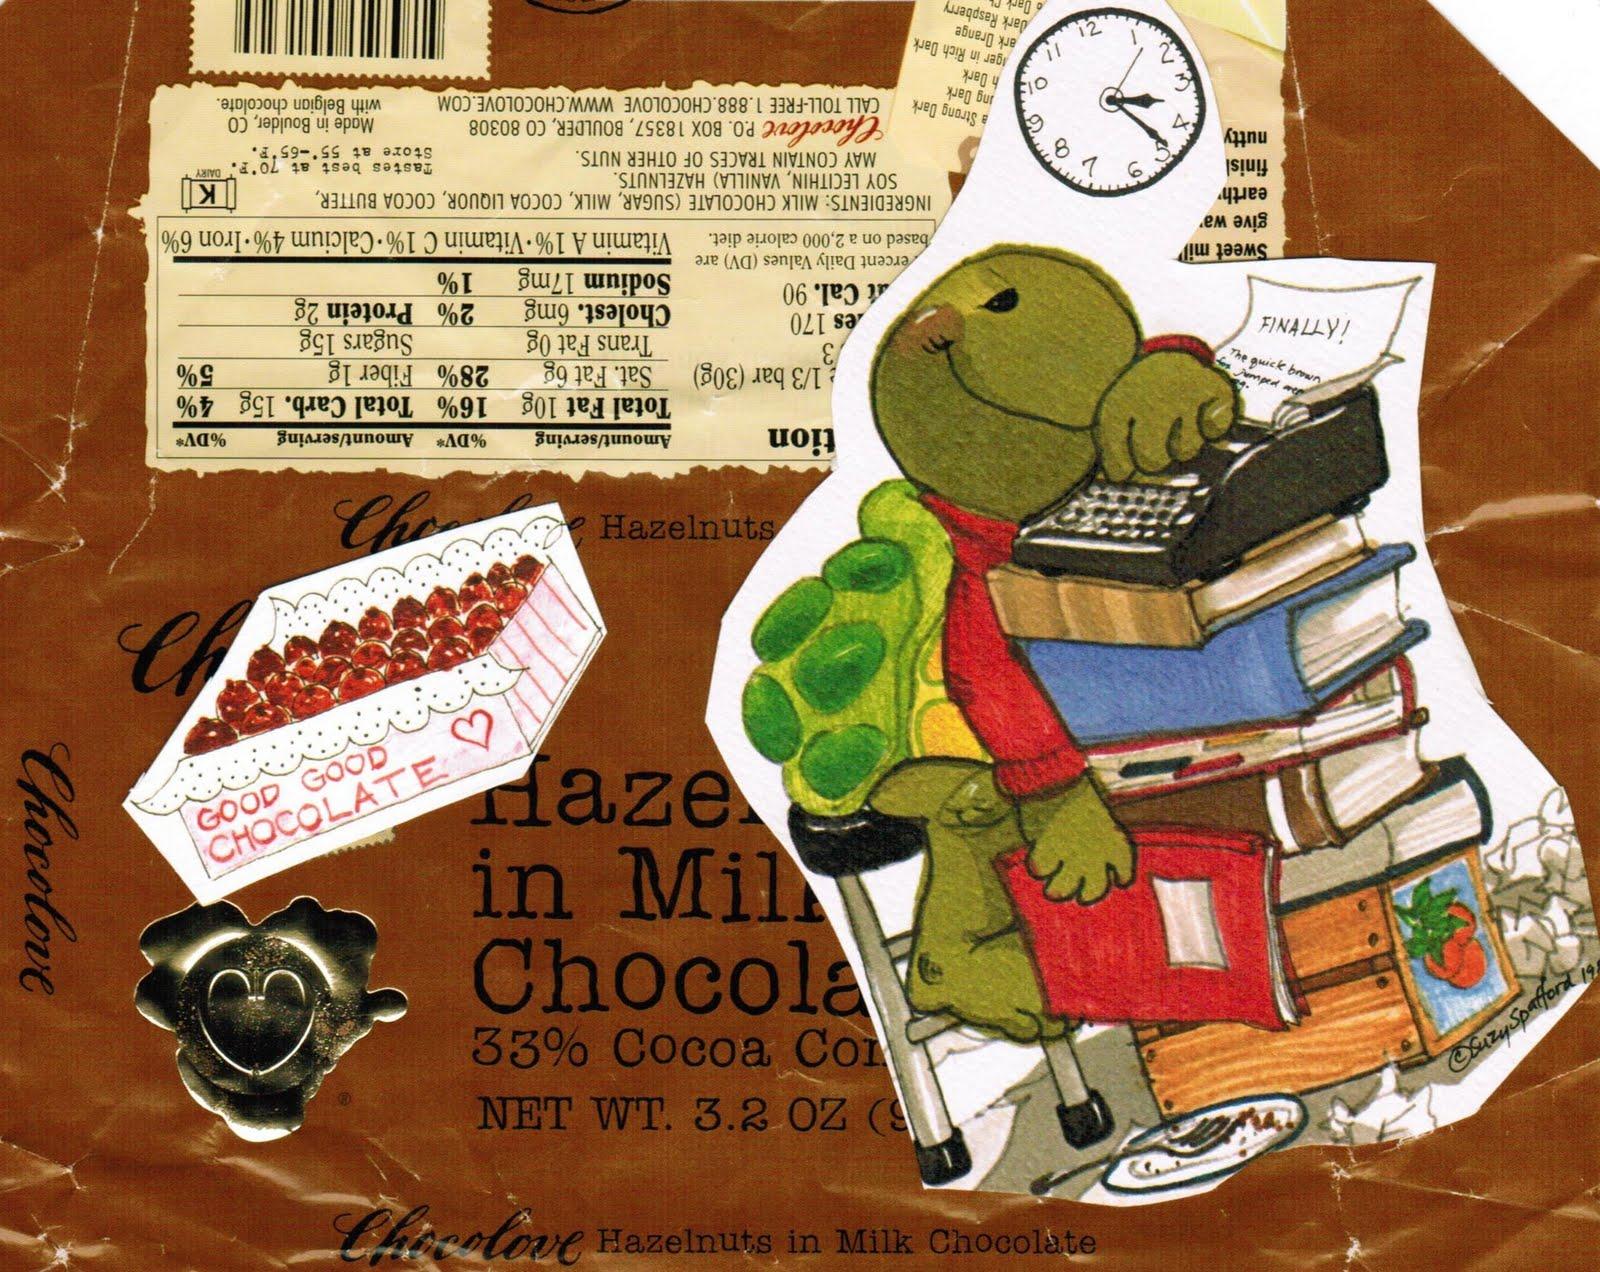 chocoquiz March 18, 2009 March 19,